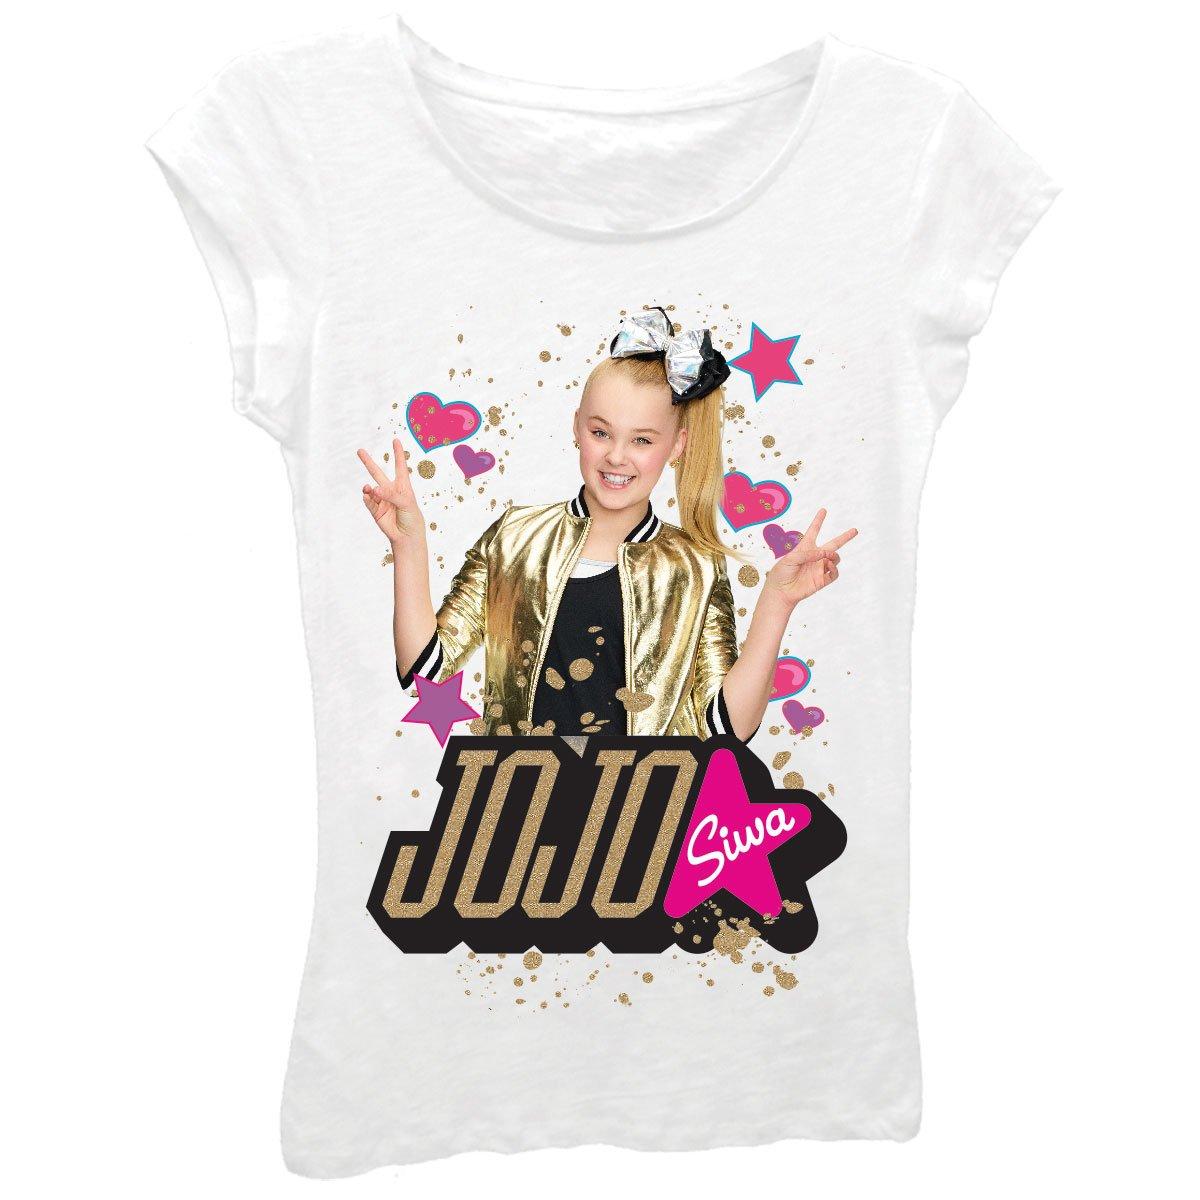 Nickelodeon Girls' JoJo Siwa Short Sleeve T-Shirt